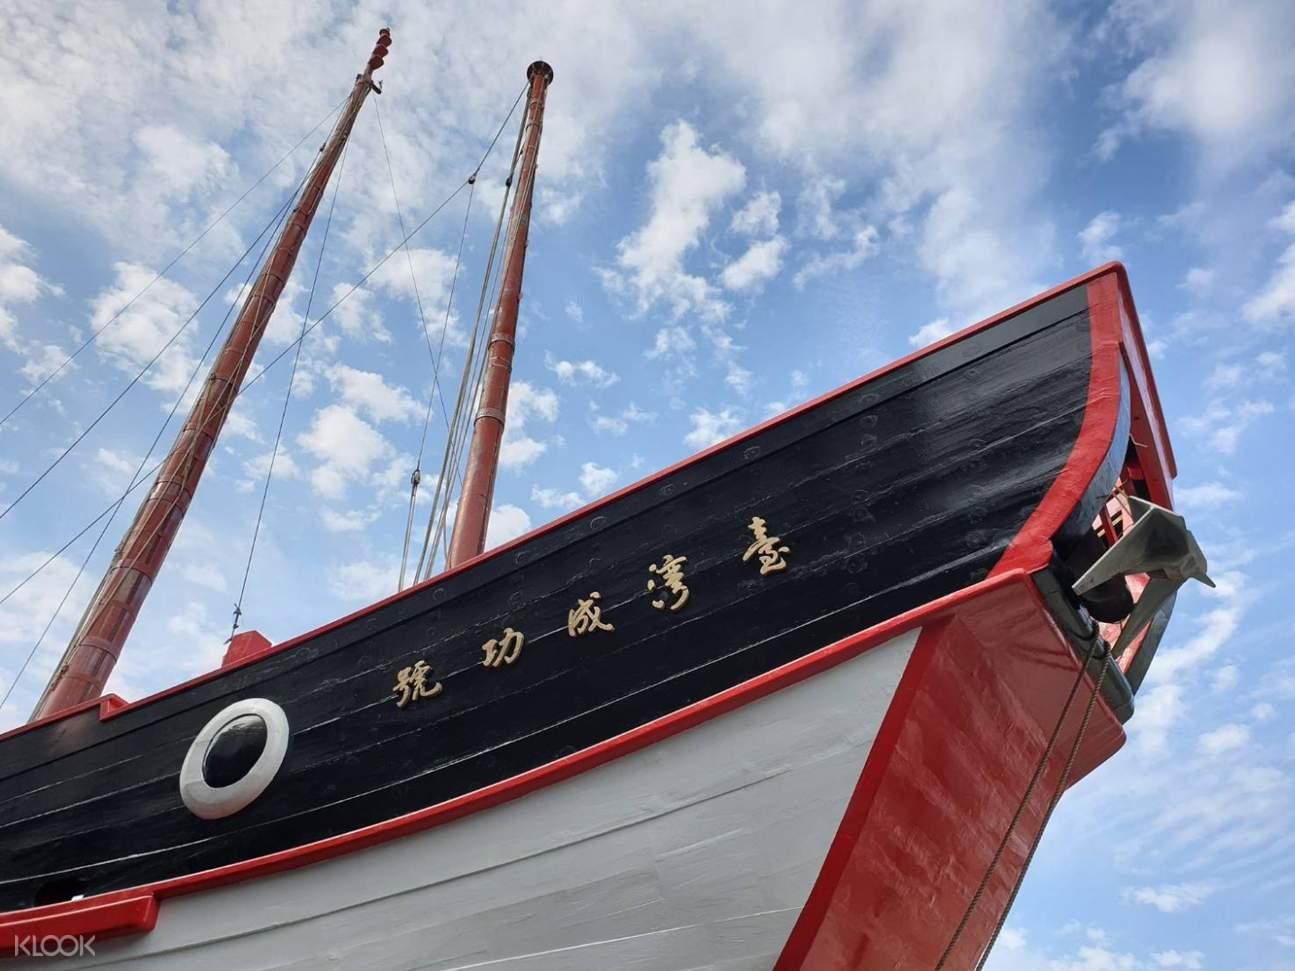 讓我們與臺灣船,見證過去的航海盛事!